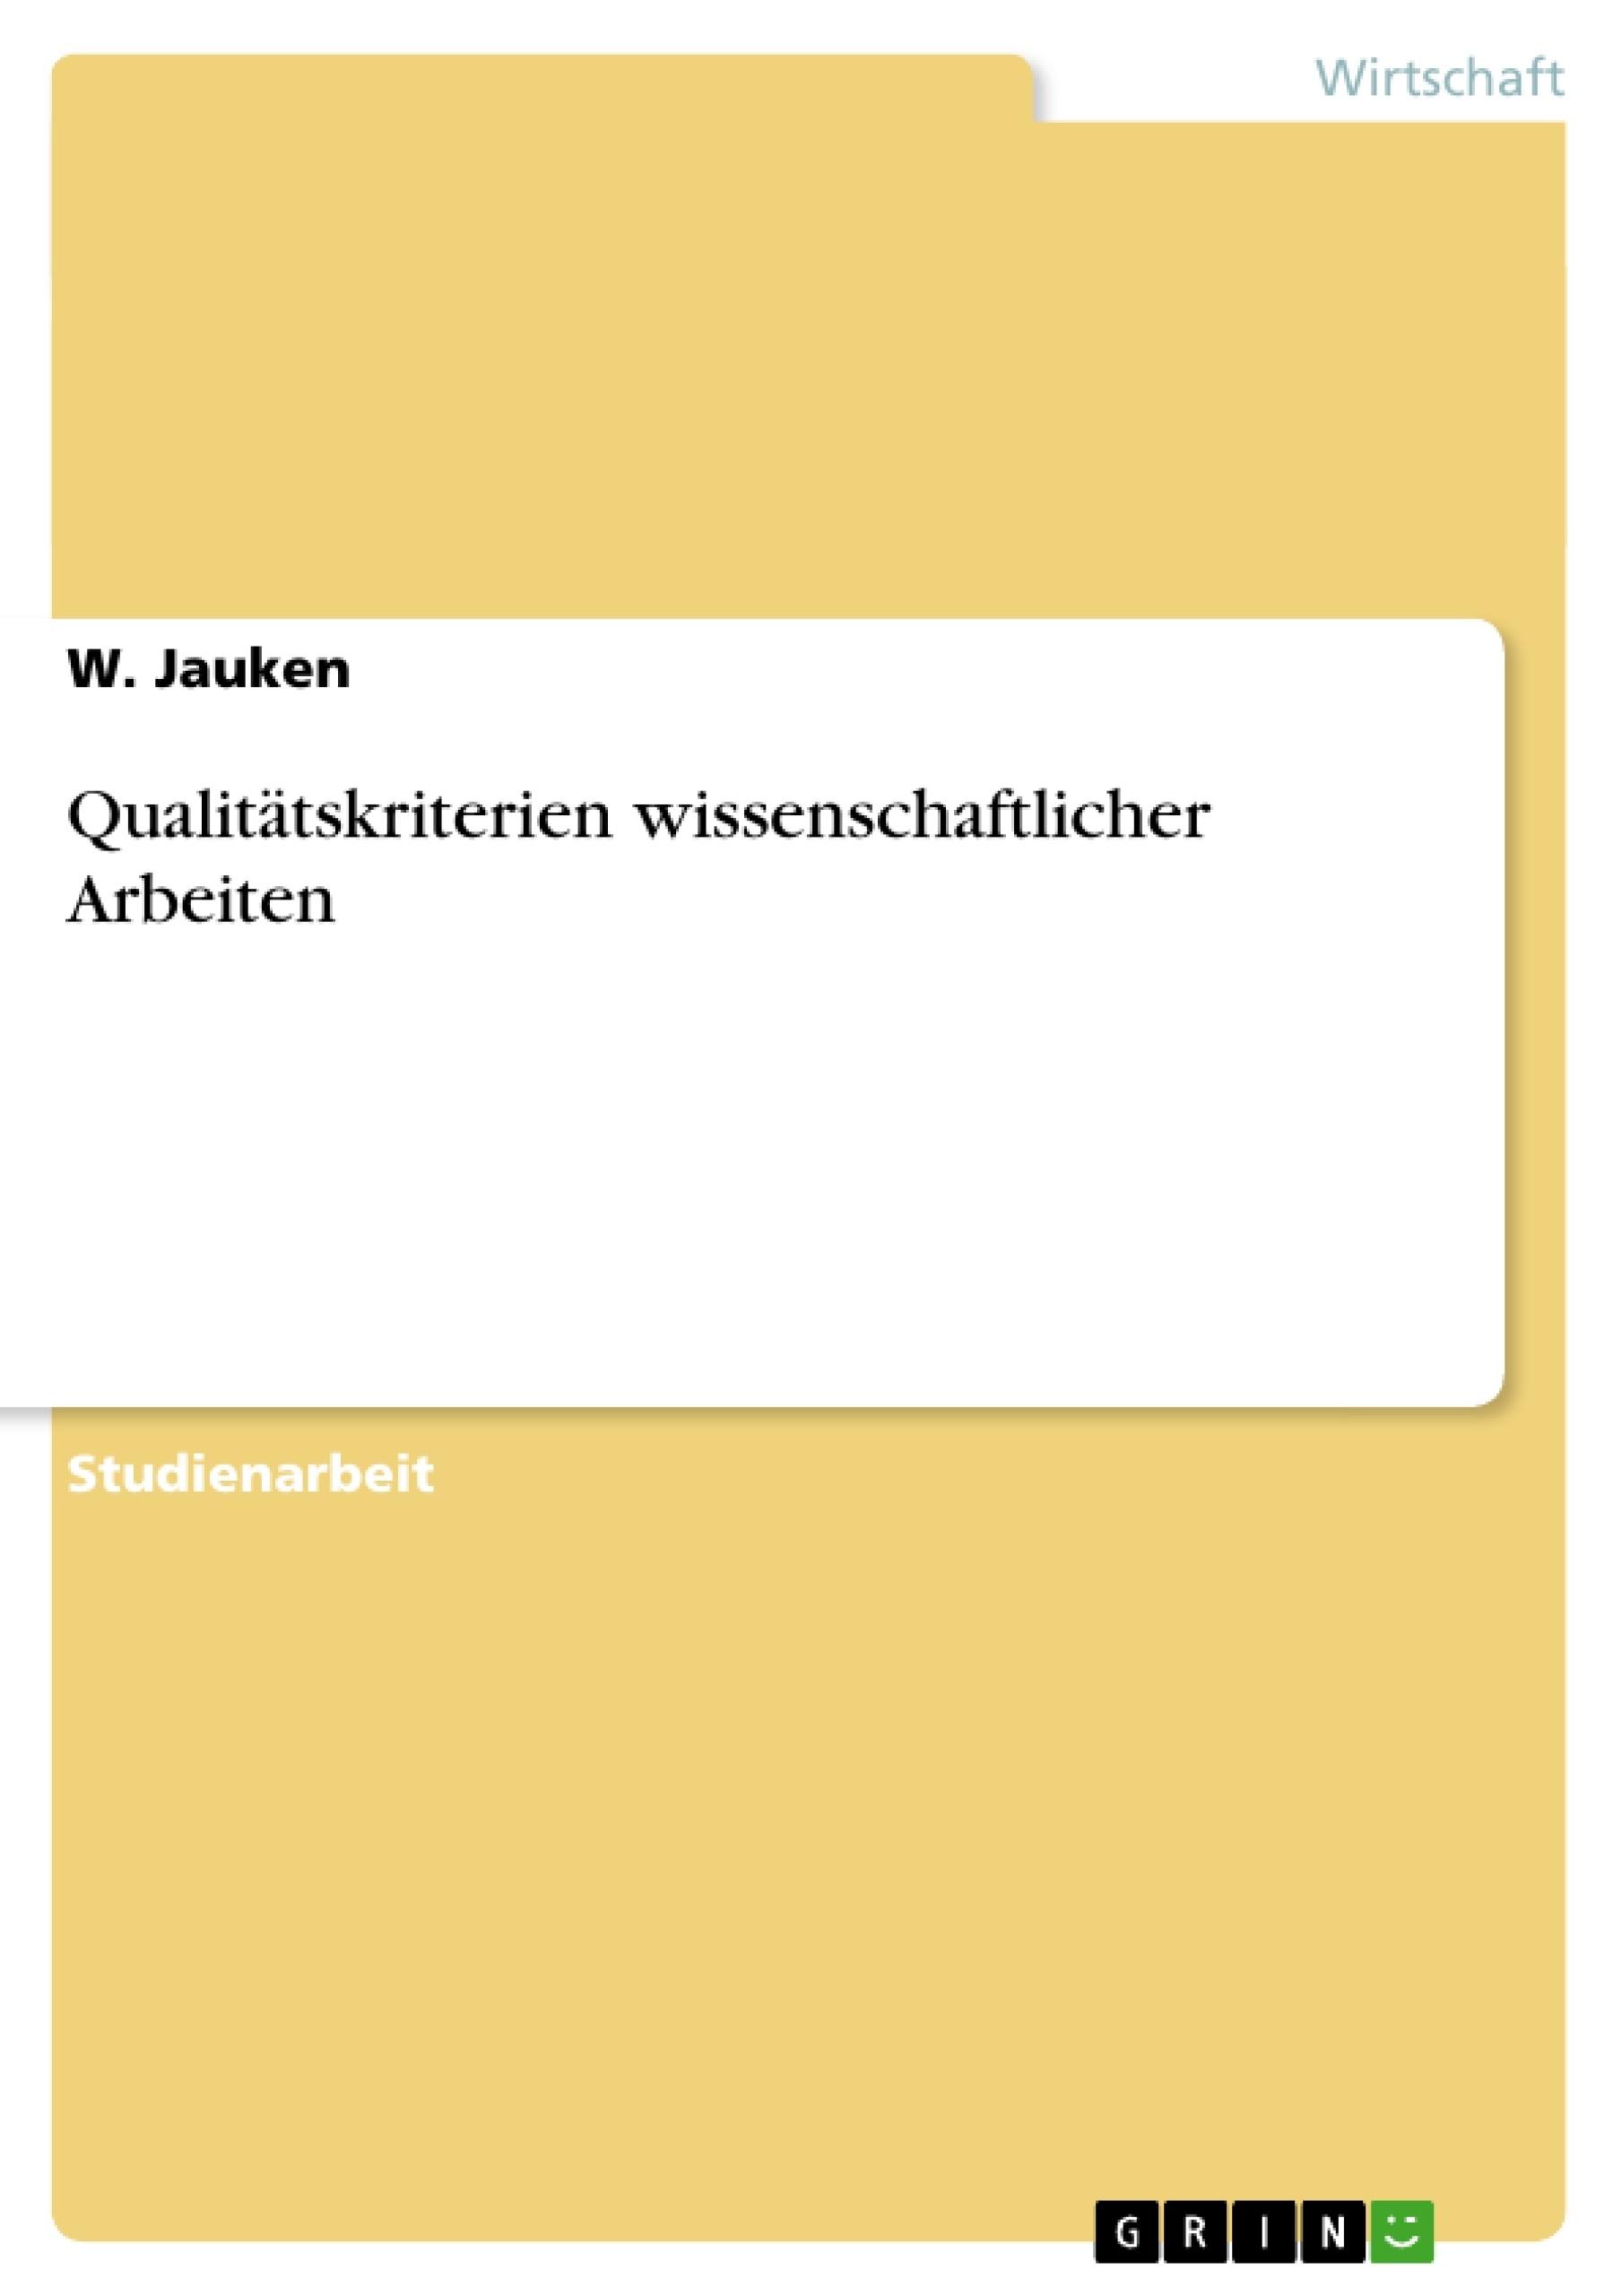 Titel: Qualitätskriterien wissenschaftlicher Arbeiten